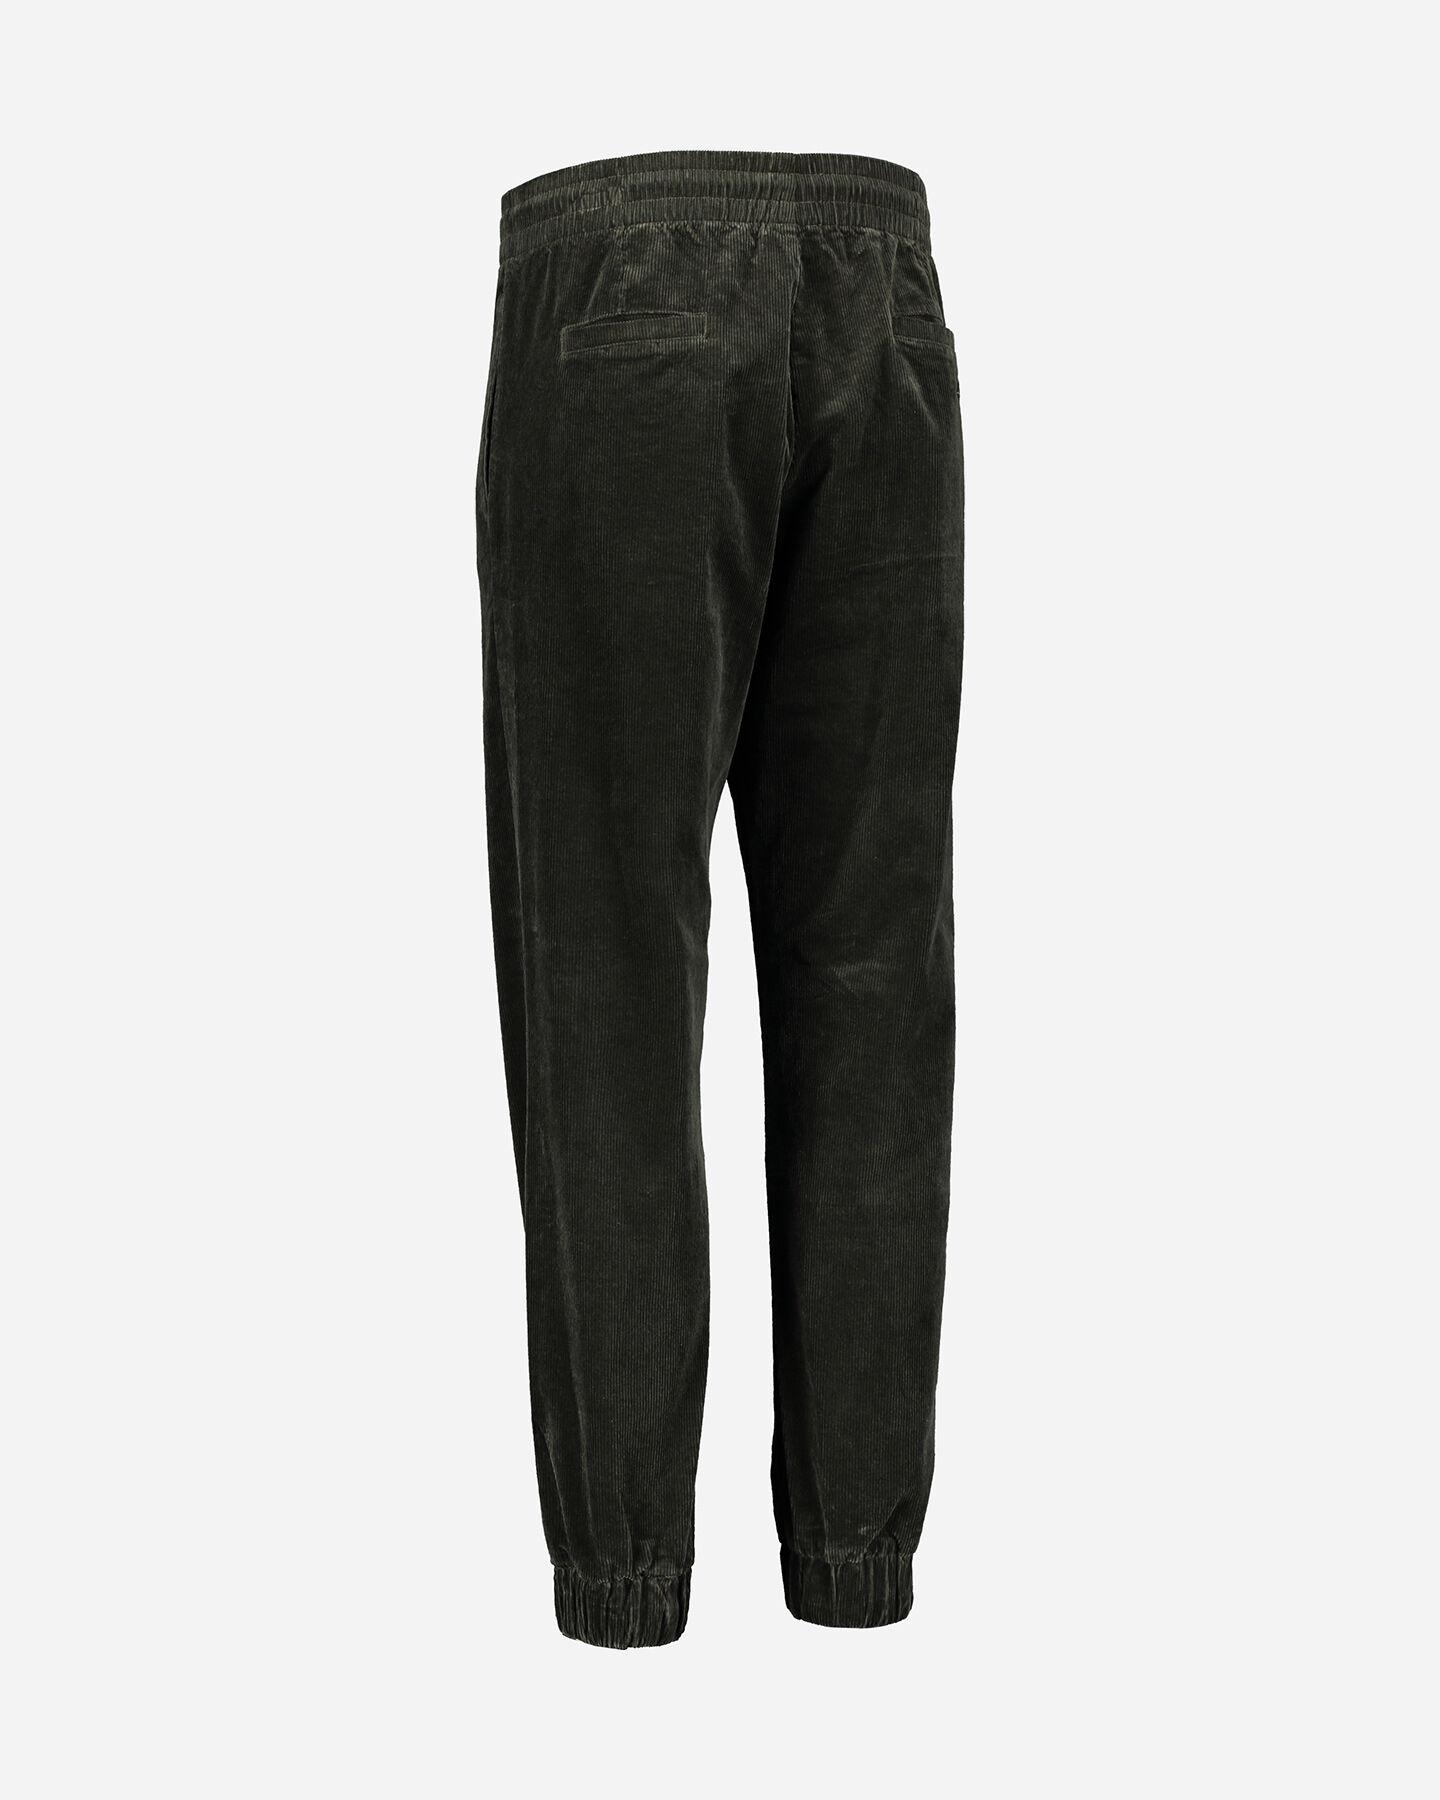 Pantalone outdoor REUSCH VELVET W S4081947 scatto 2